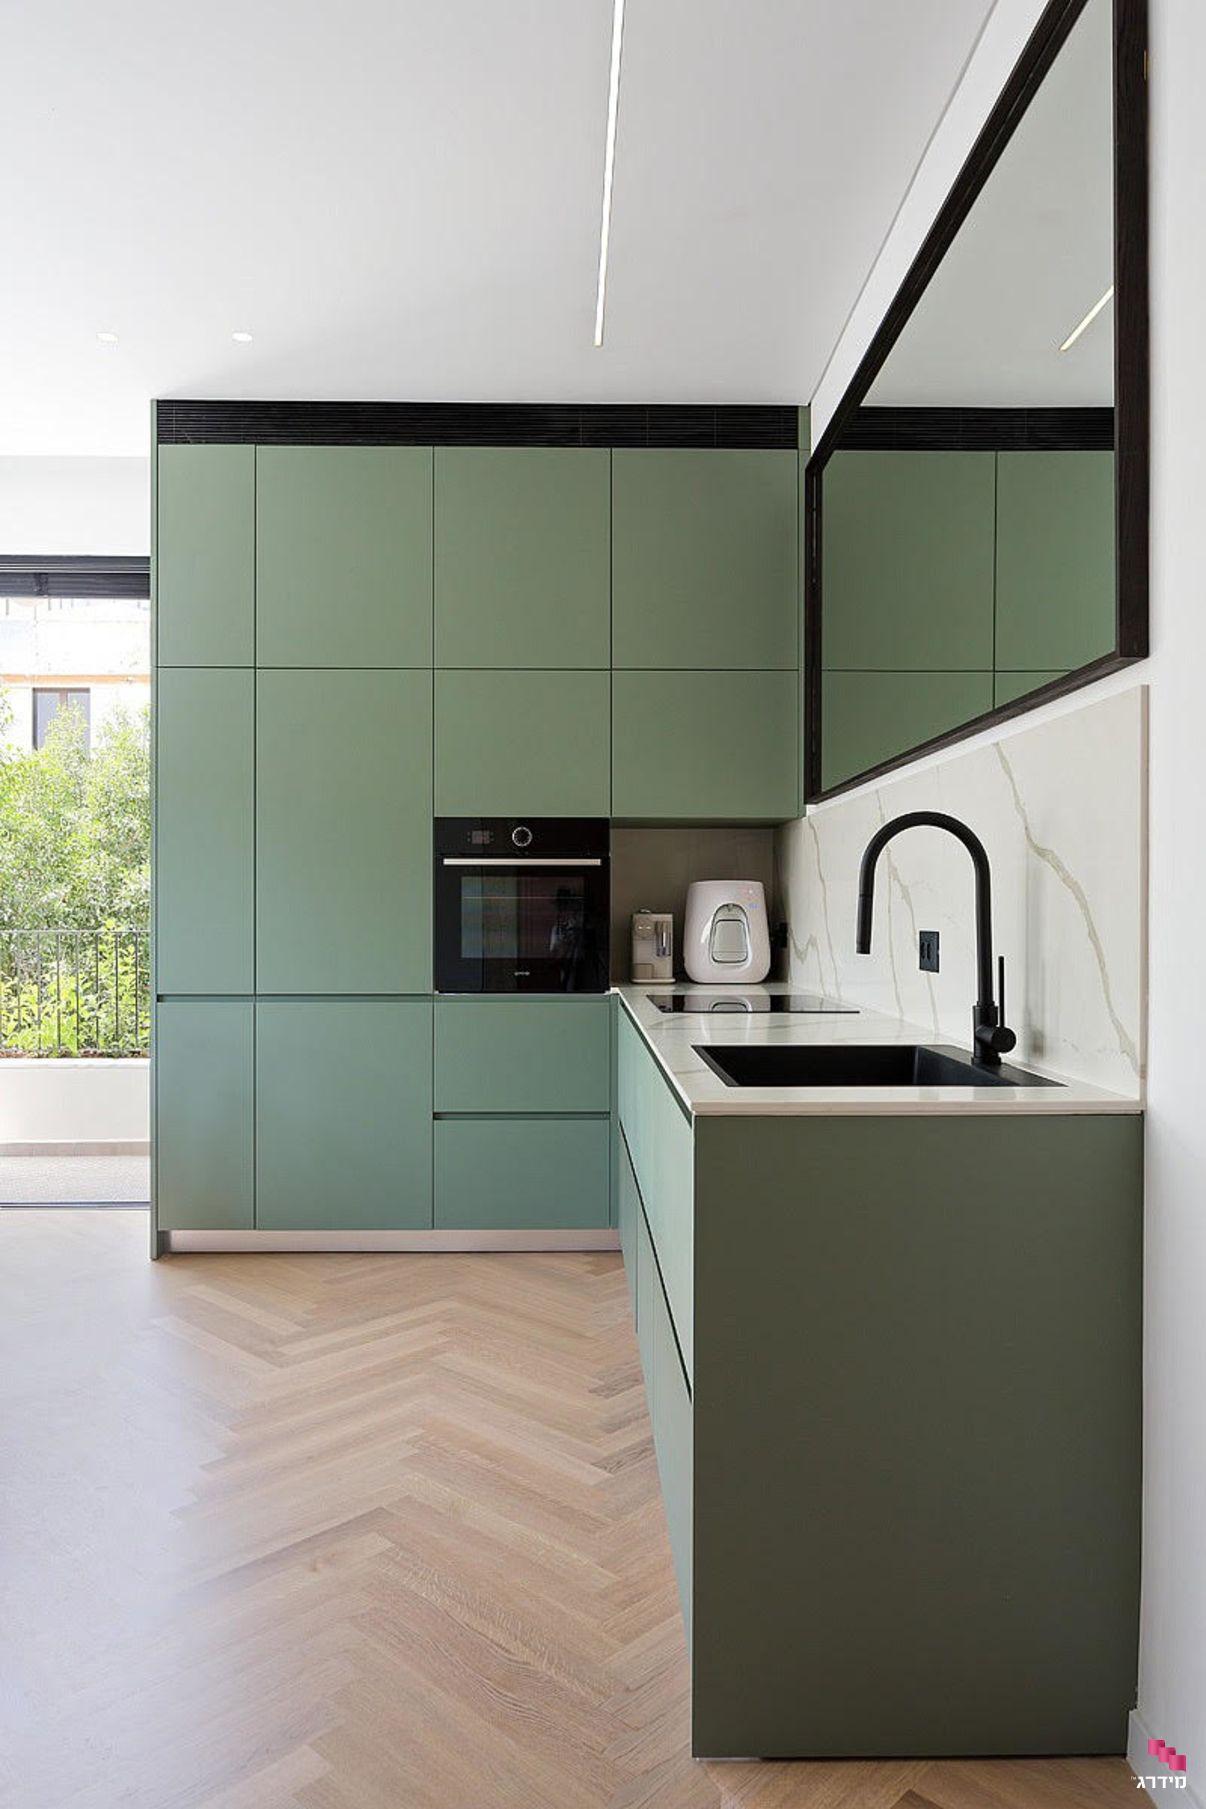 עיצוב דירה קטנה רעיונות